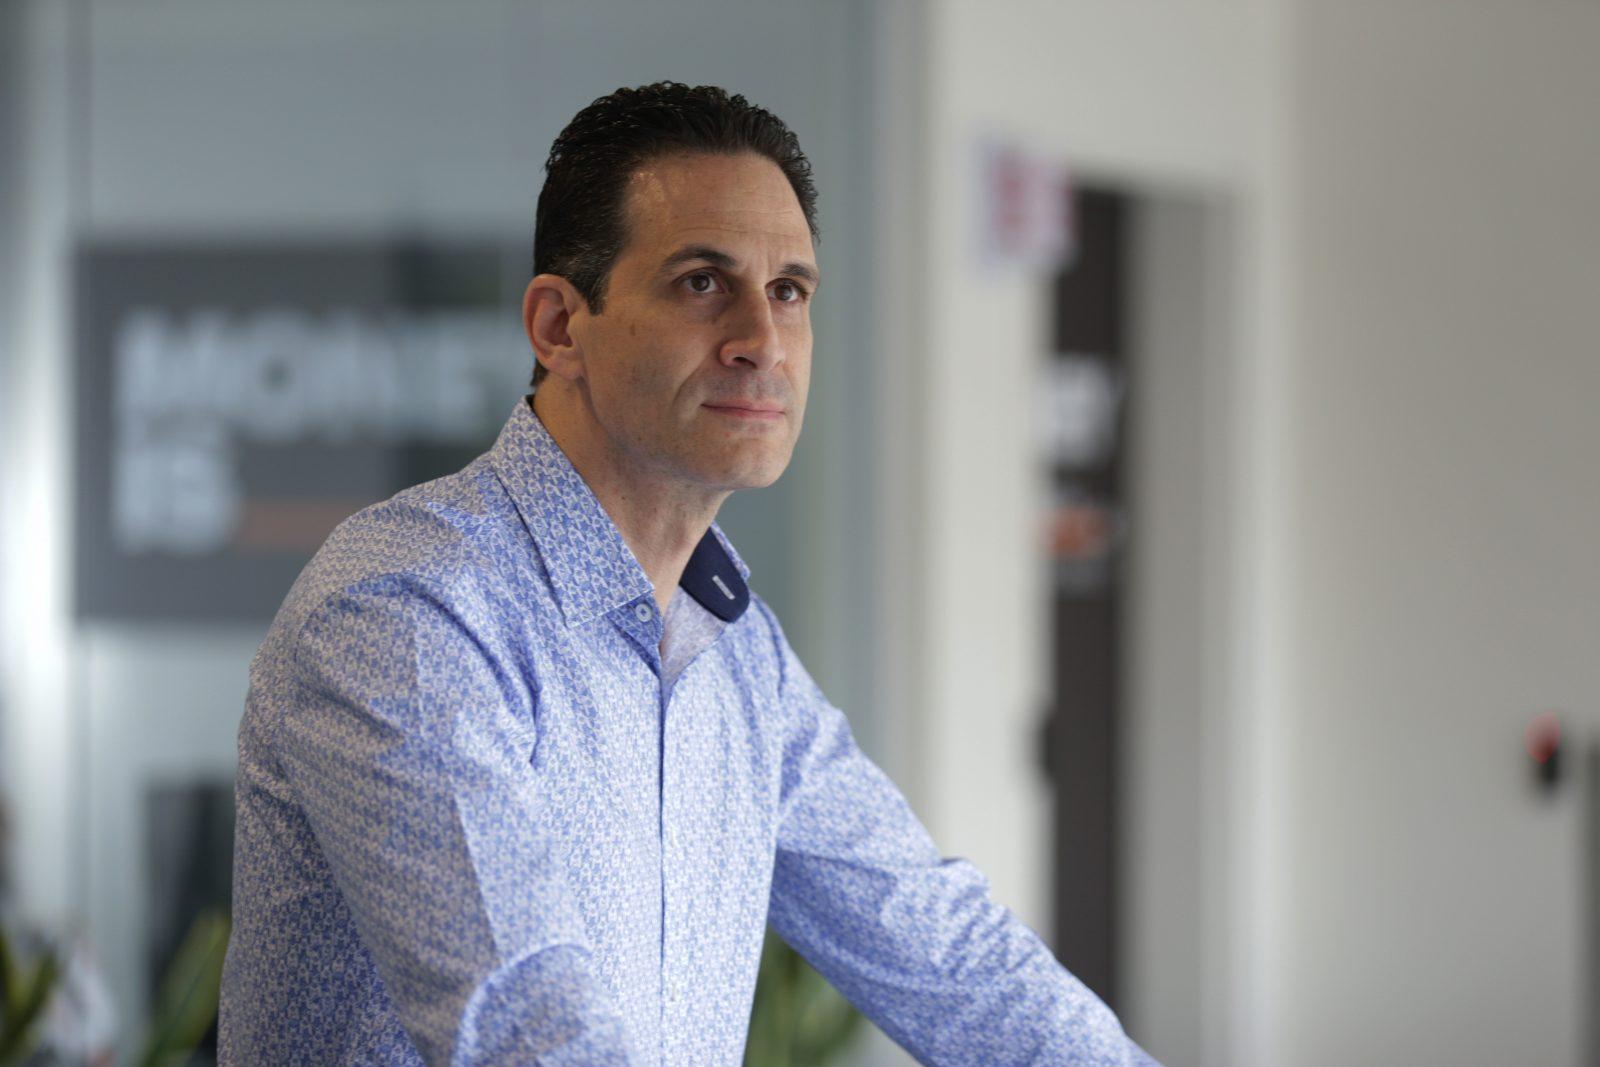 Marco Santarelli - How to Build a Passive Real Estate Portfolio